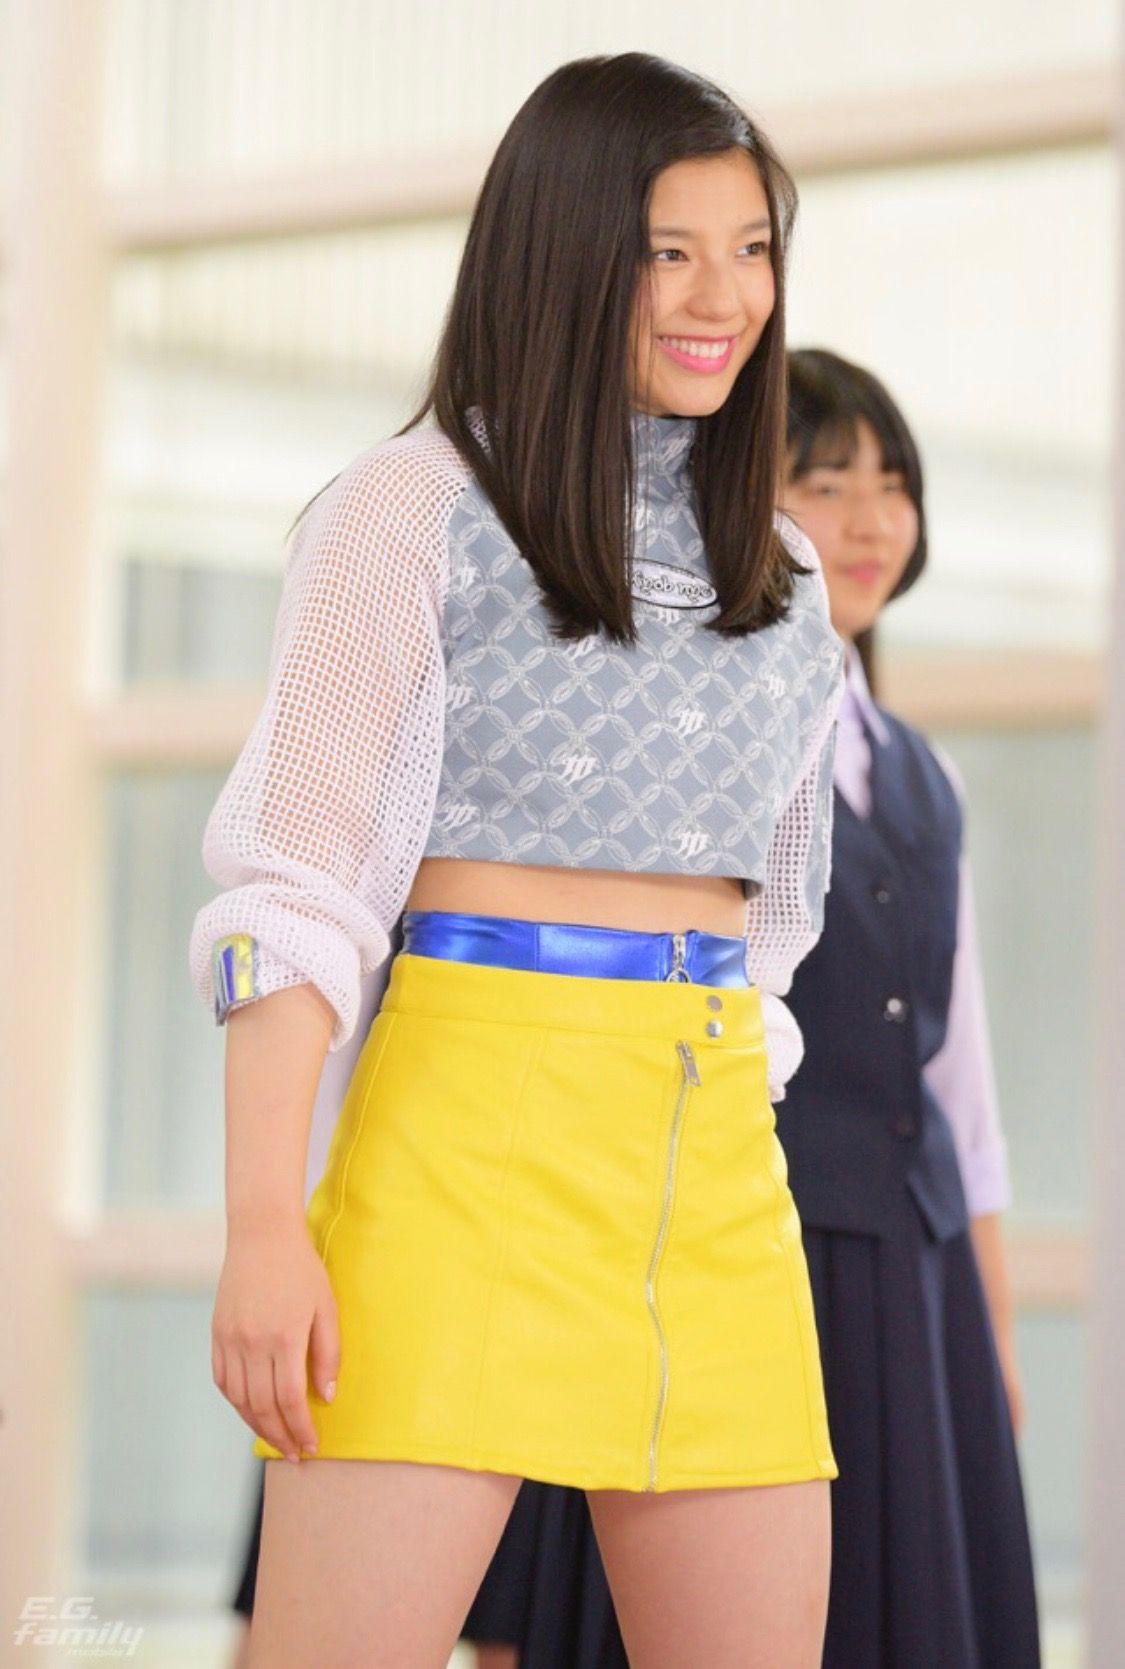 石井 杏奈 ブログ